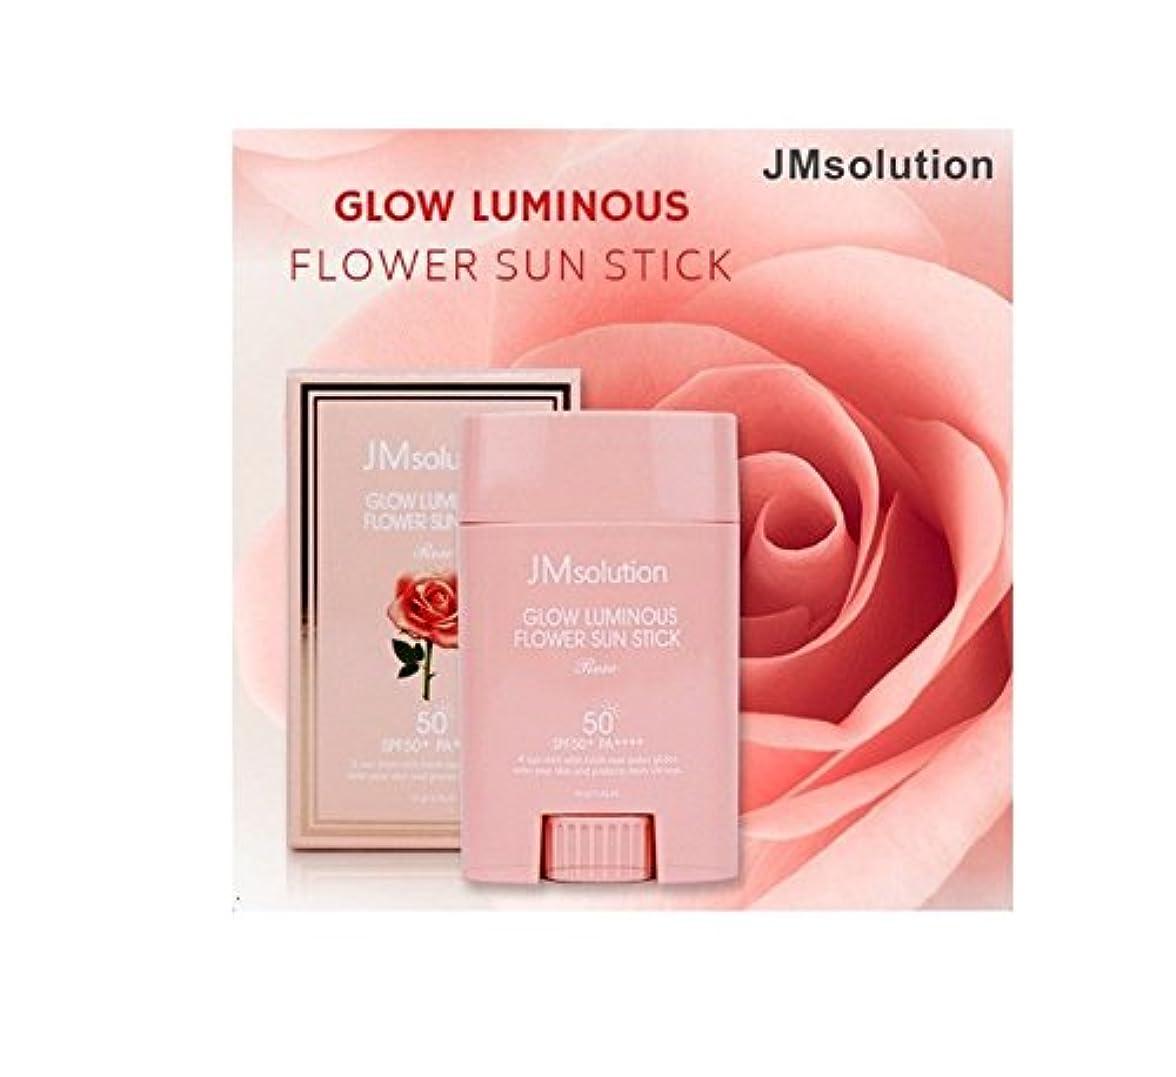 引数雪の妥協JM Solution Glow Luminous Flower Sun Stick Rose 21g (spf50 PA) 光る輝く花Sun Stick Rose